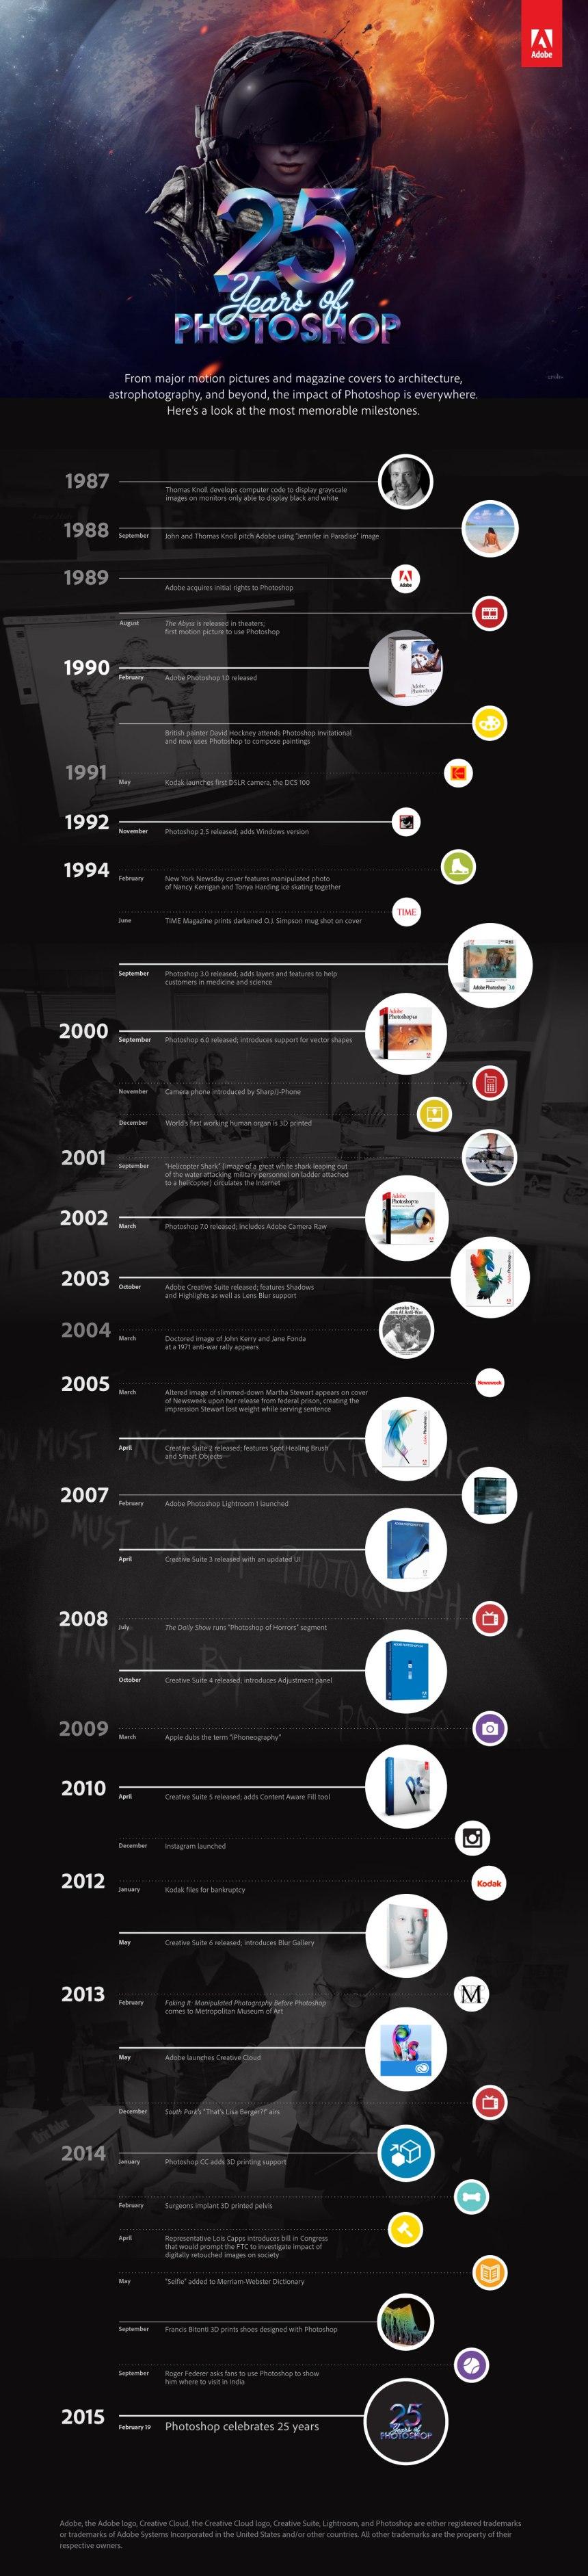 Los 25 primeros años de Photoshop